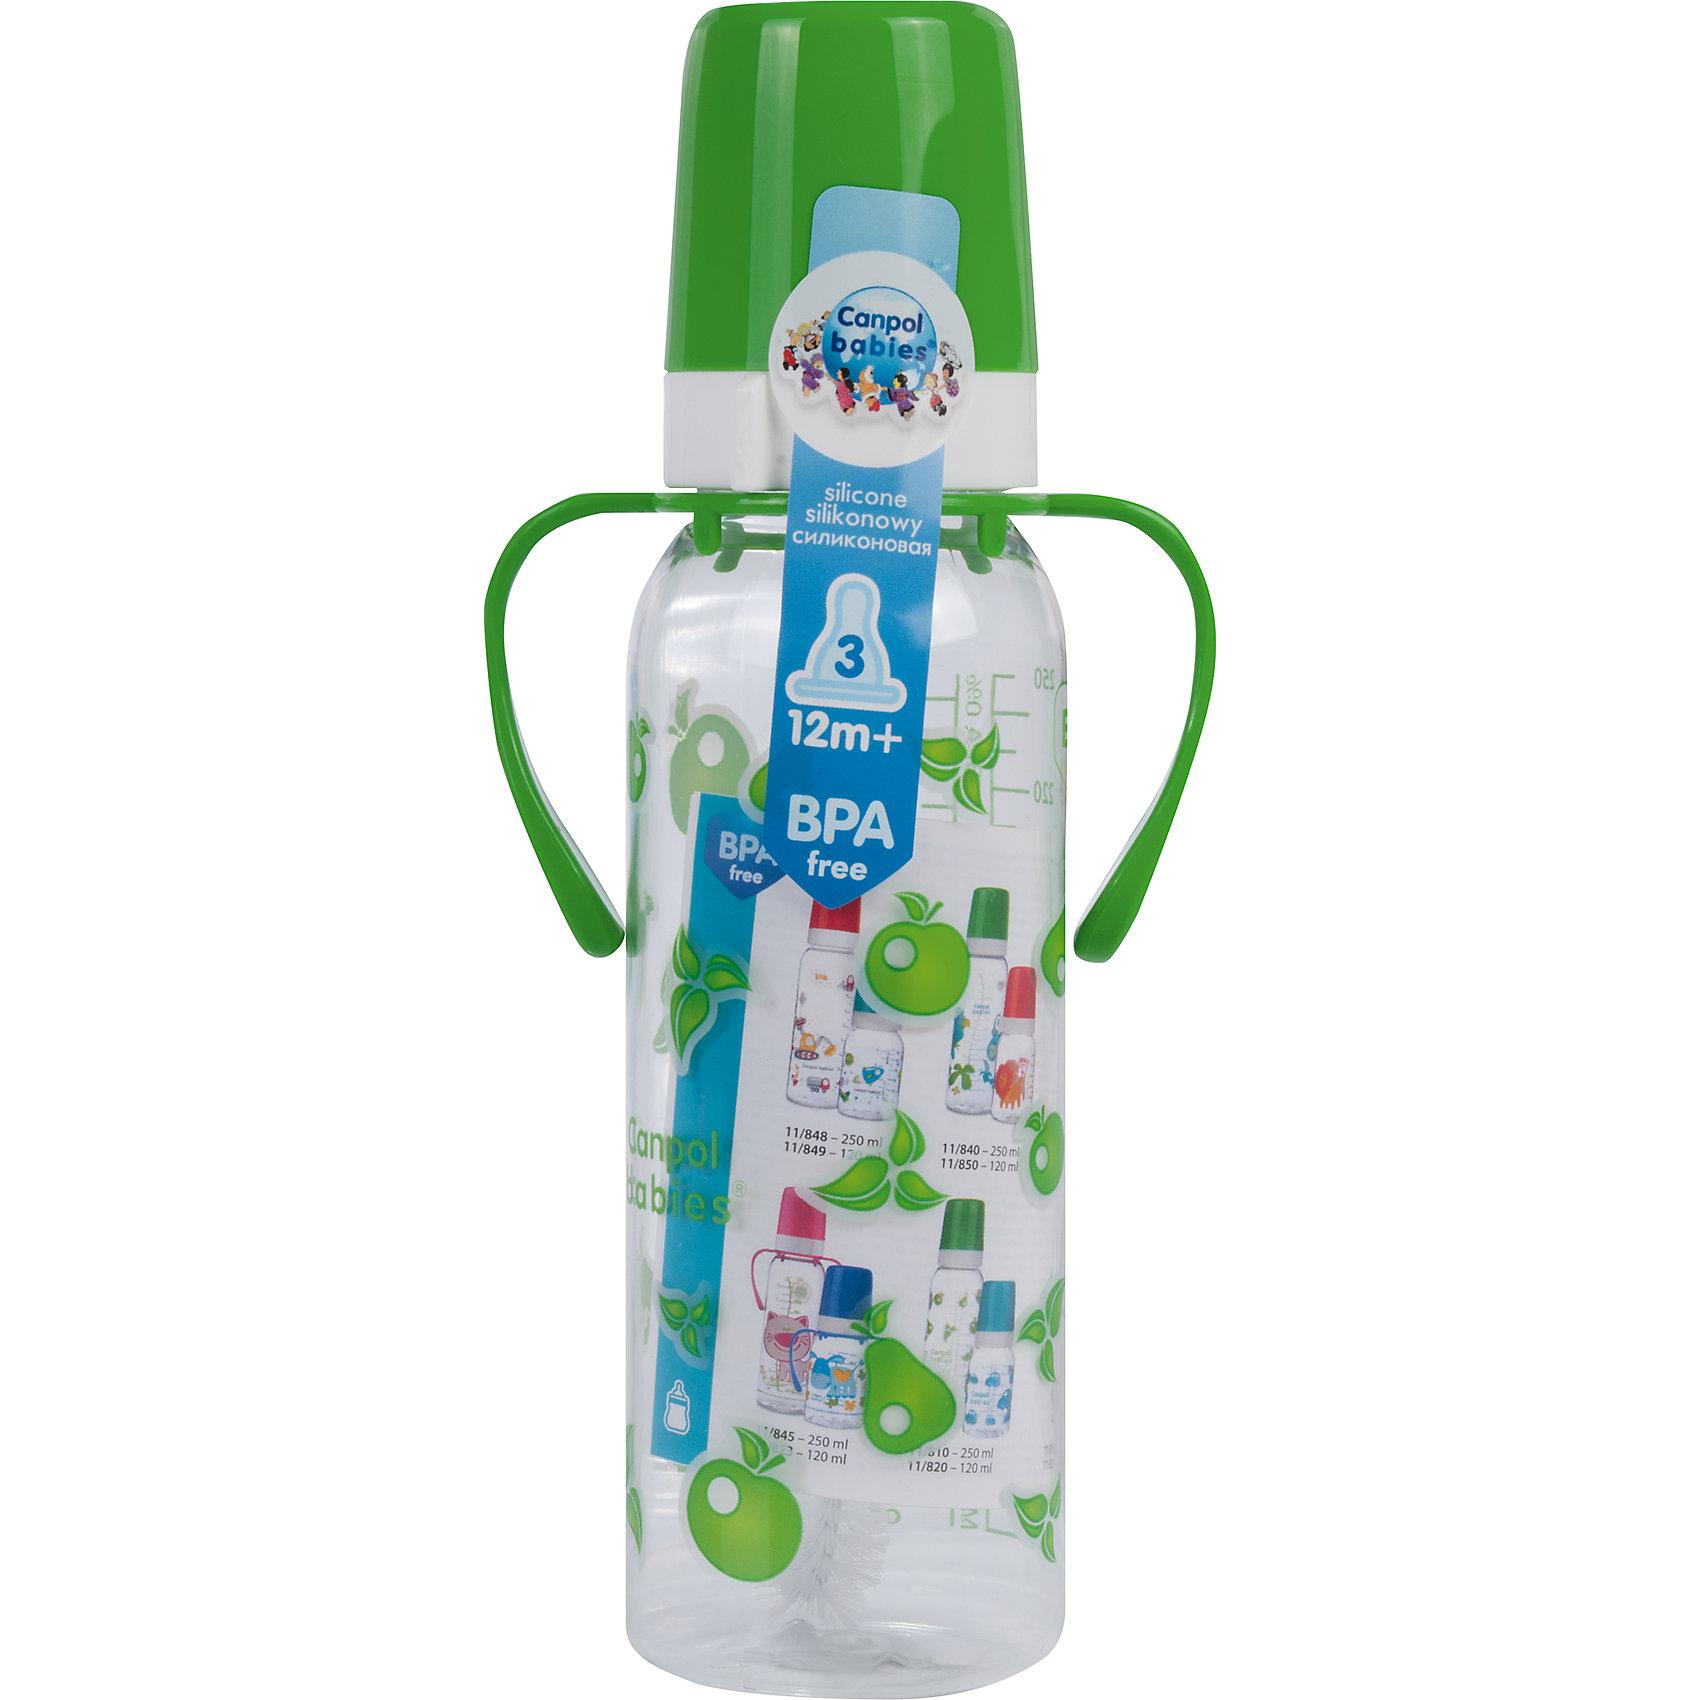 Бутылочка тритановая 250 мл. 12+, Canpol Babies, зеленый